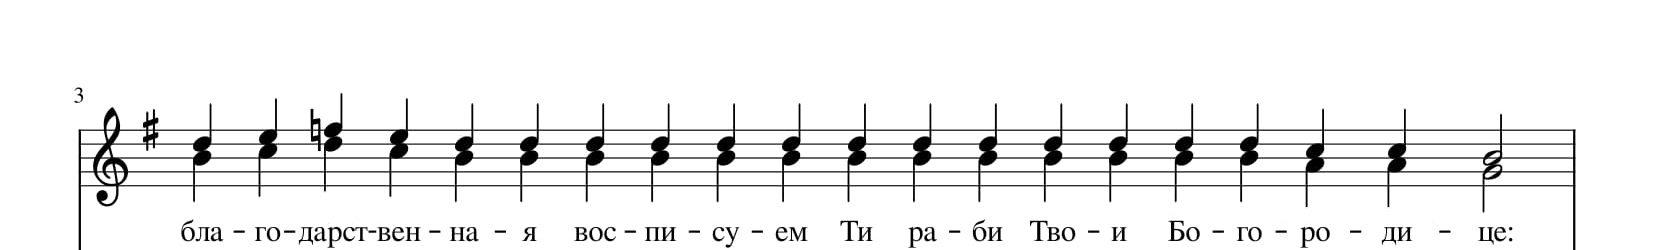 Взбранной Воеводе. 8 глас, валаамский распев